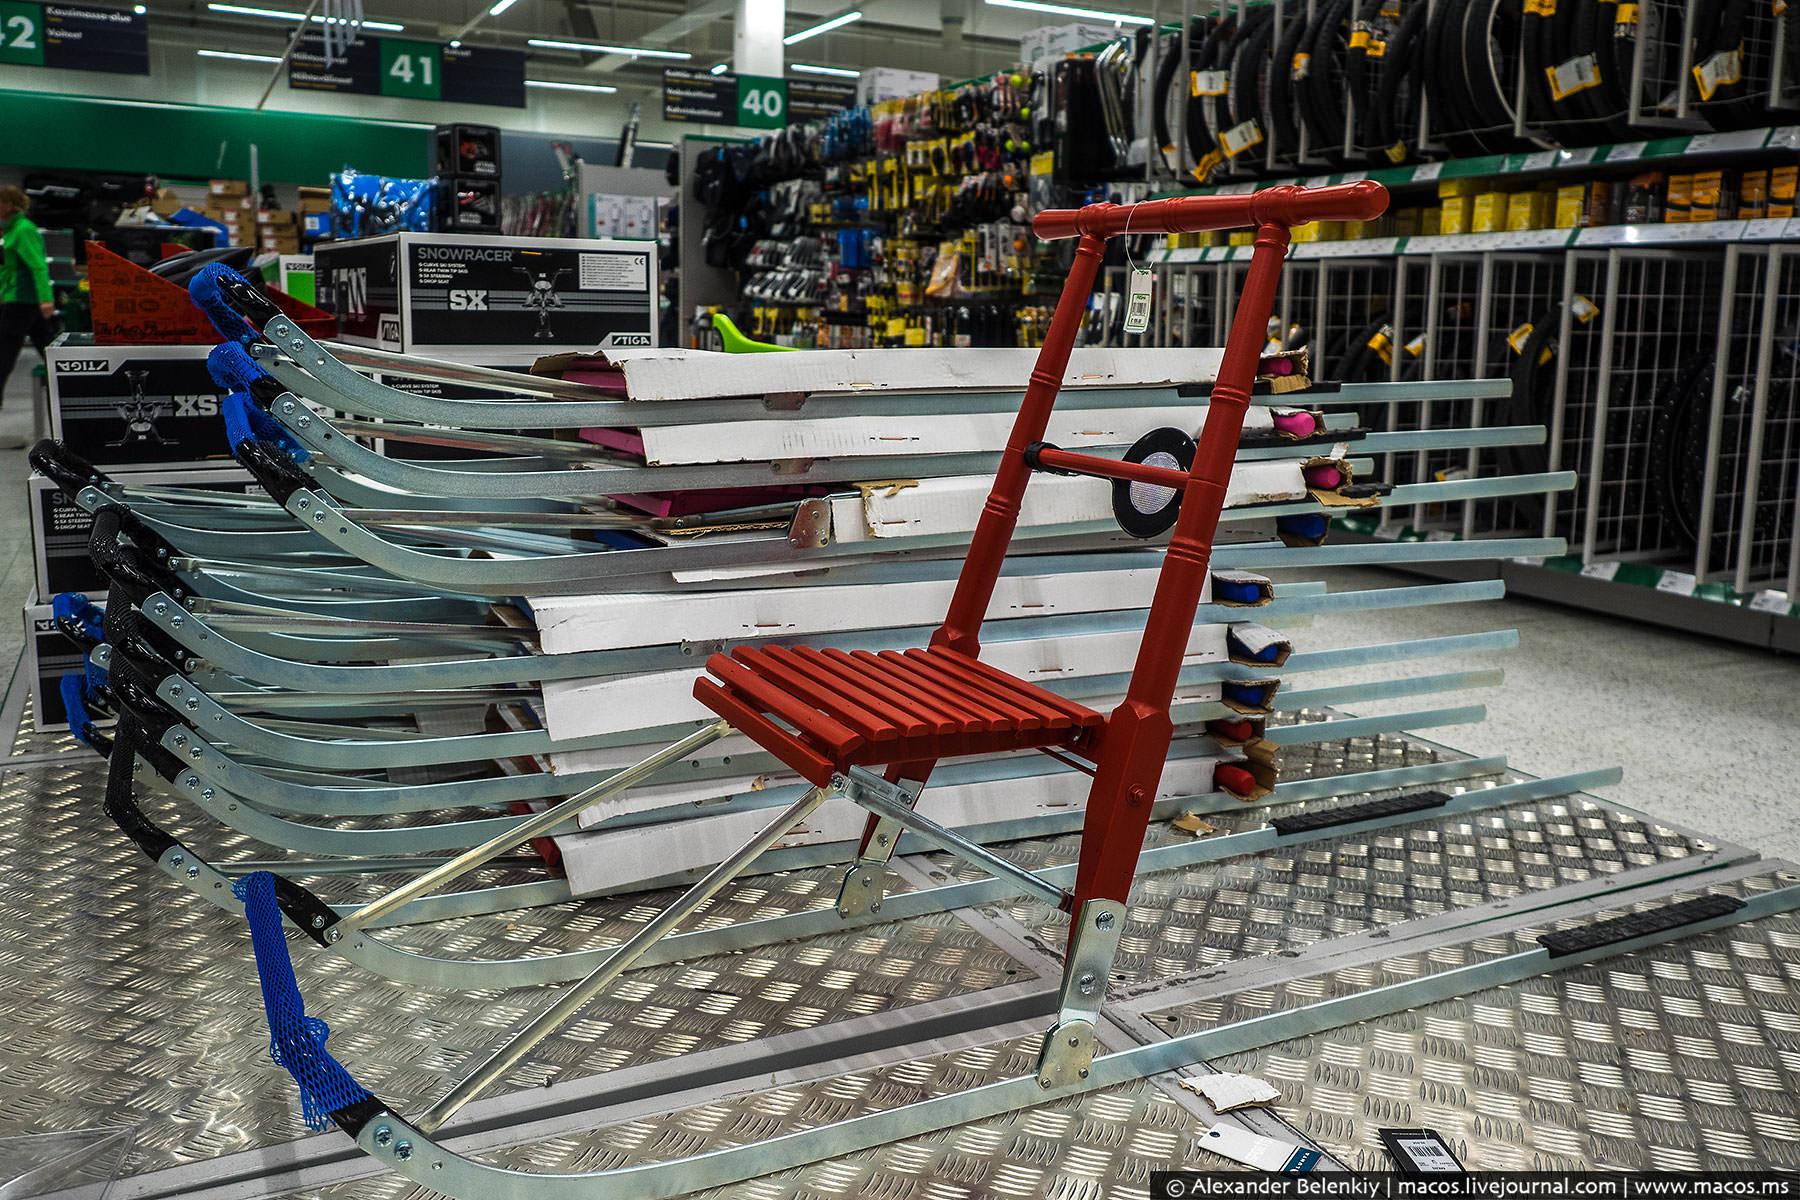 Карельские санки — популярный транспорт финских пенсионеров. Питерцы, купите такое своим бабушкам, о